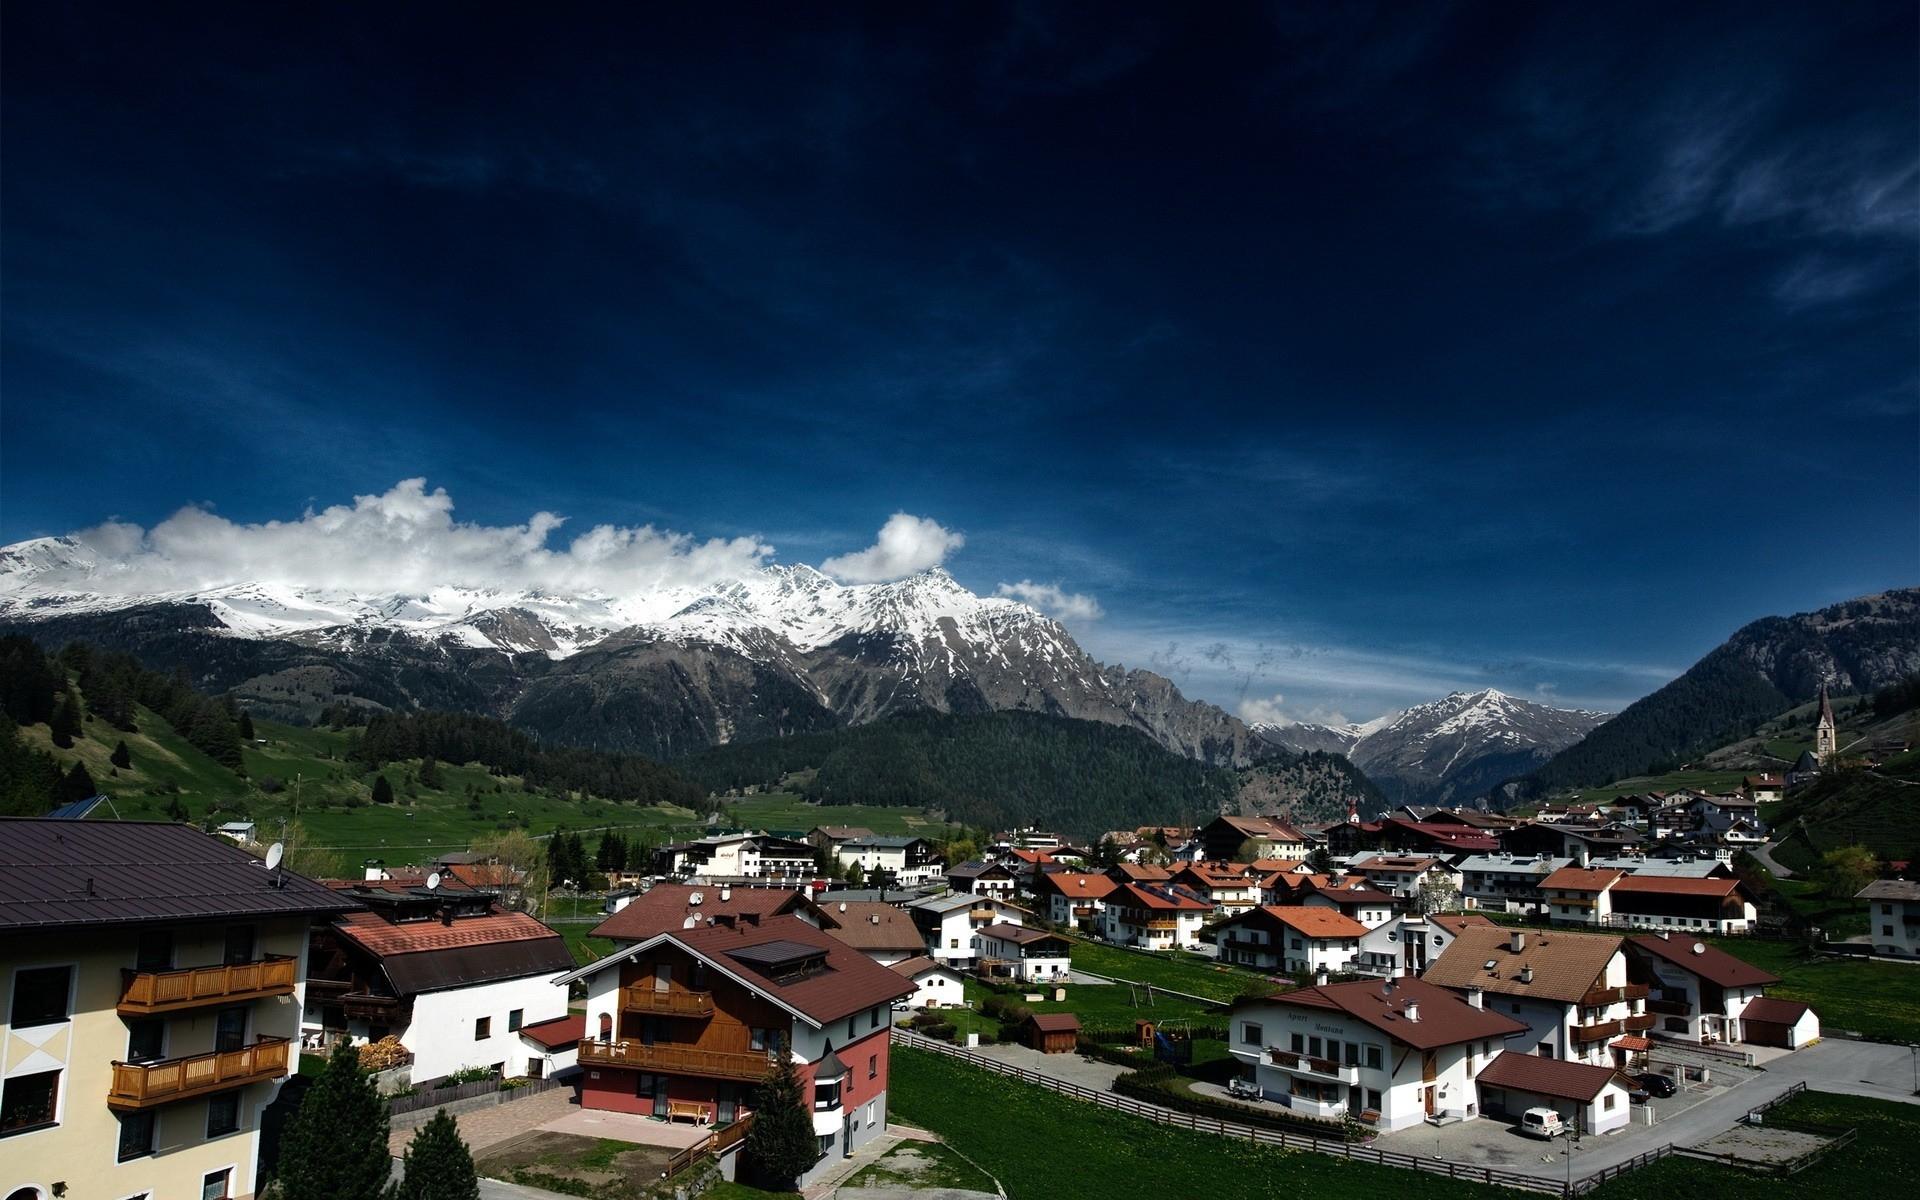 Картинки Швейцария, дома, горы, отдых, лес фото и обои на рабочий стол